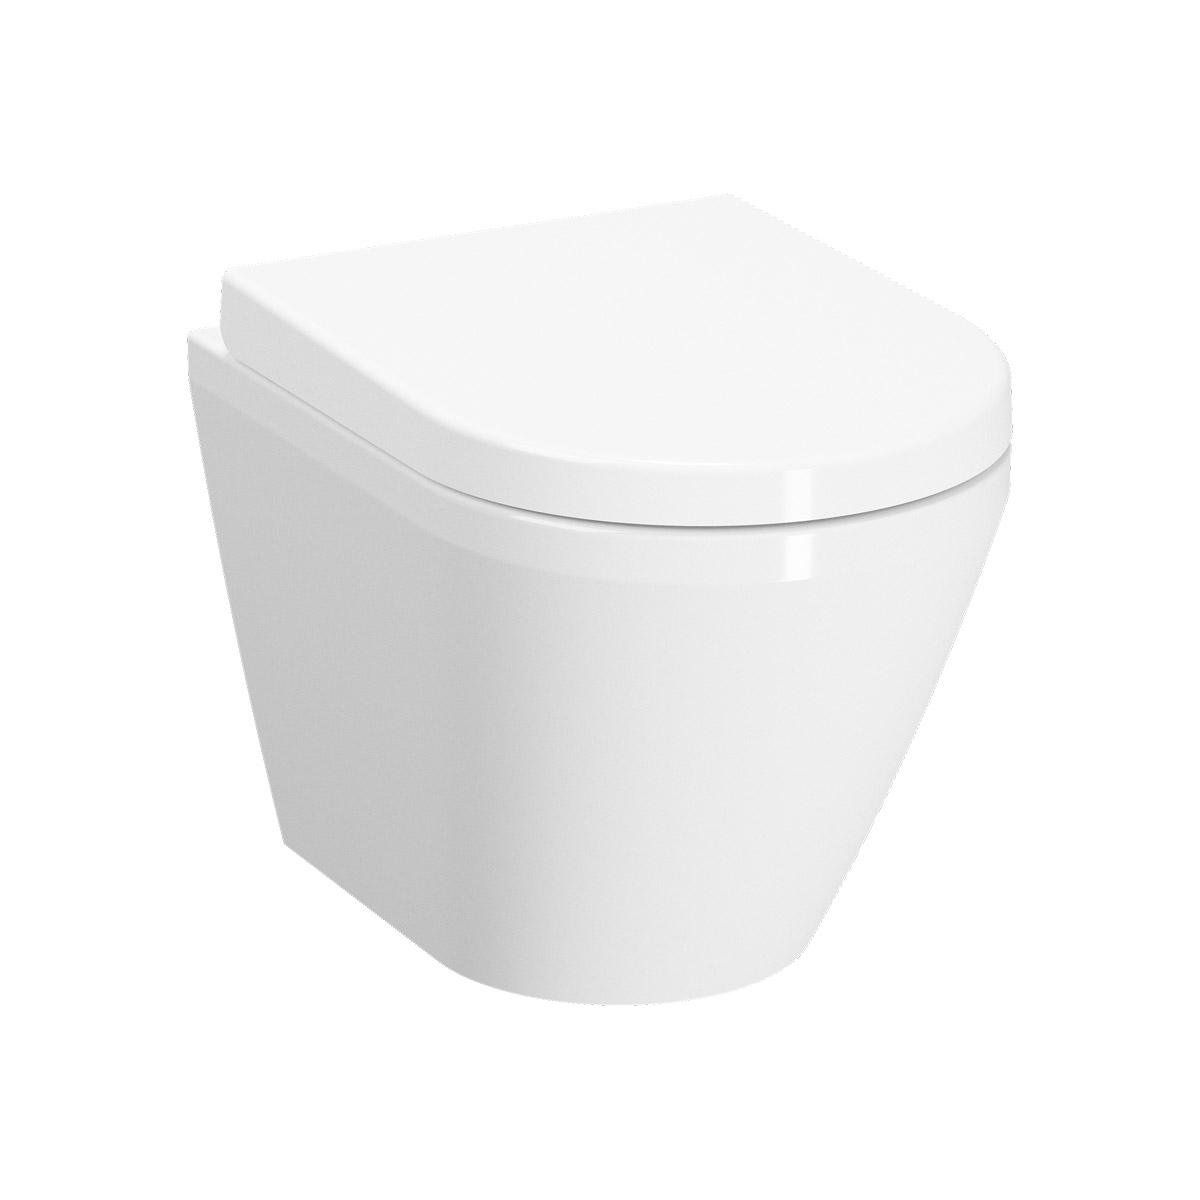 Integra Wand-WC VitrA Flush 2.0 mit Bidetfunktion, Weiß